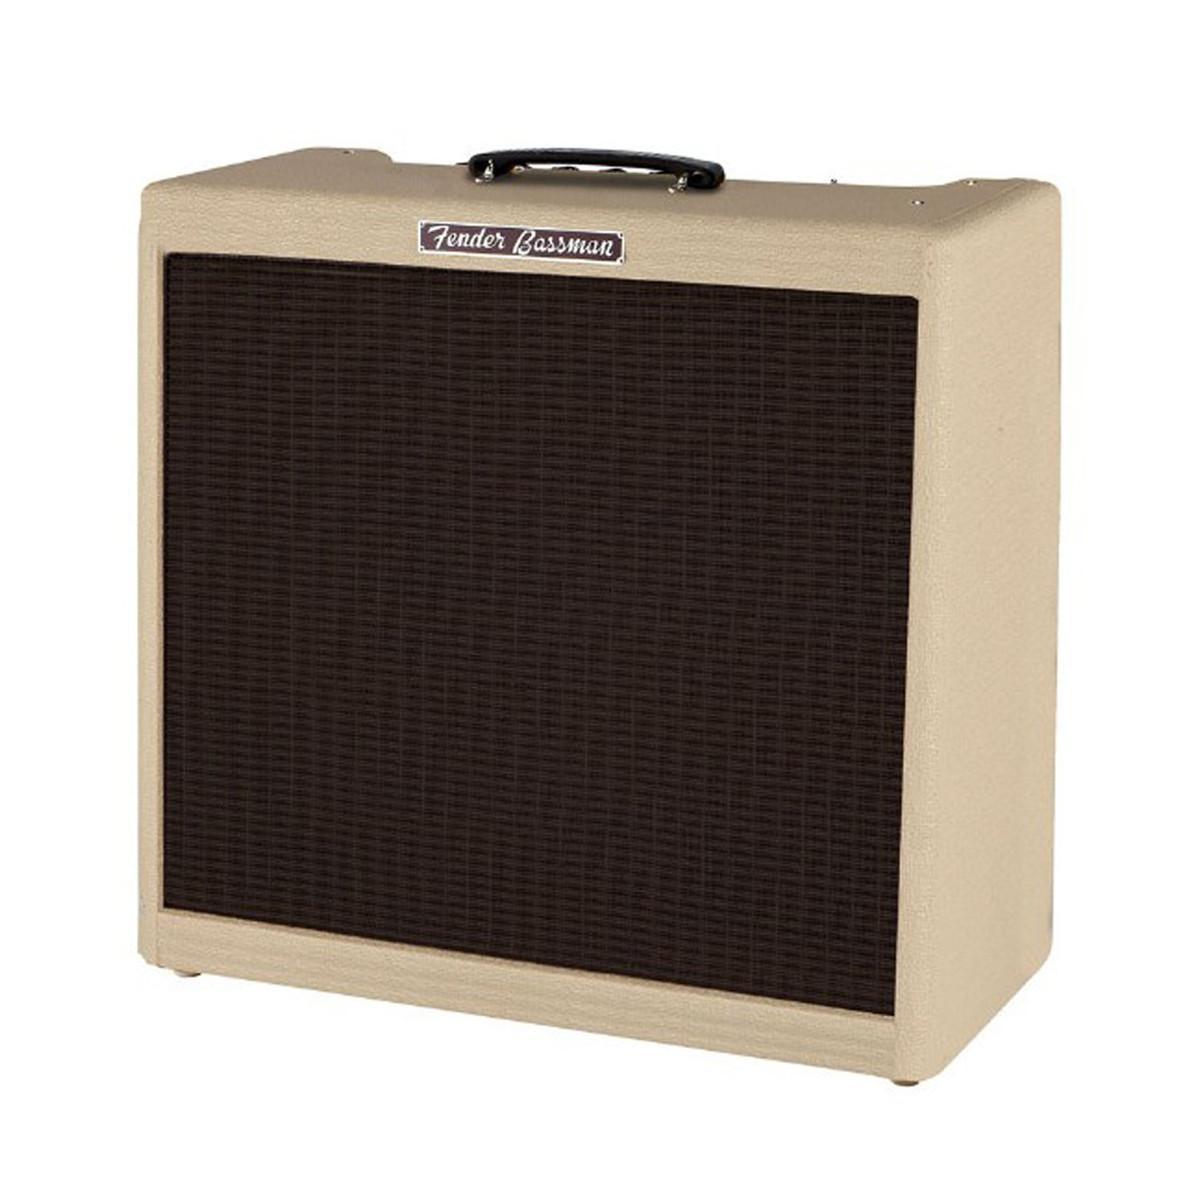 fender 39 59 bassman blondeman fsr guitar amplifier at. Black Bedroom Furniture Sets. Home Design Ideas